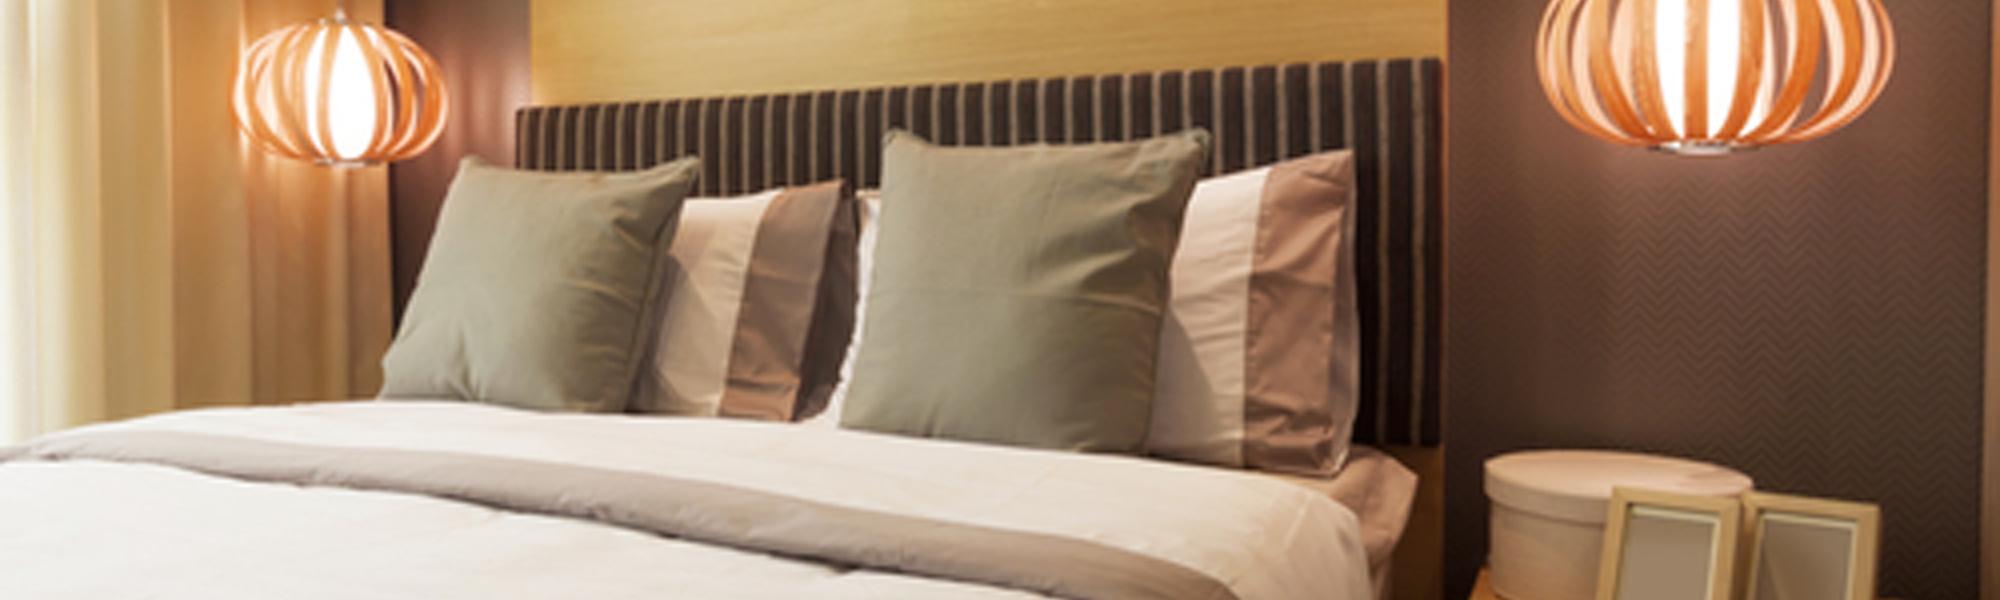 Serenity-Service : L'expertise en décoration et rénovation hôtelière